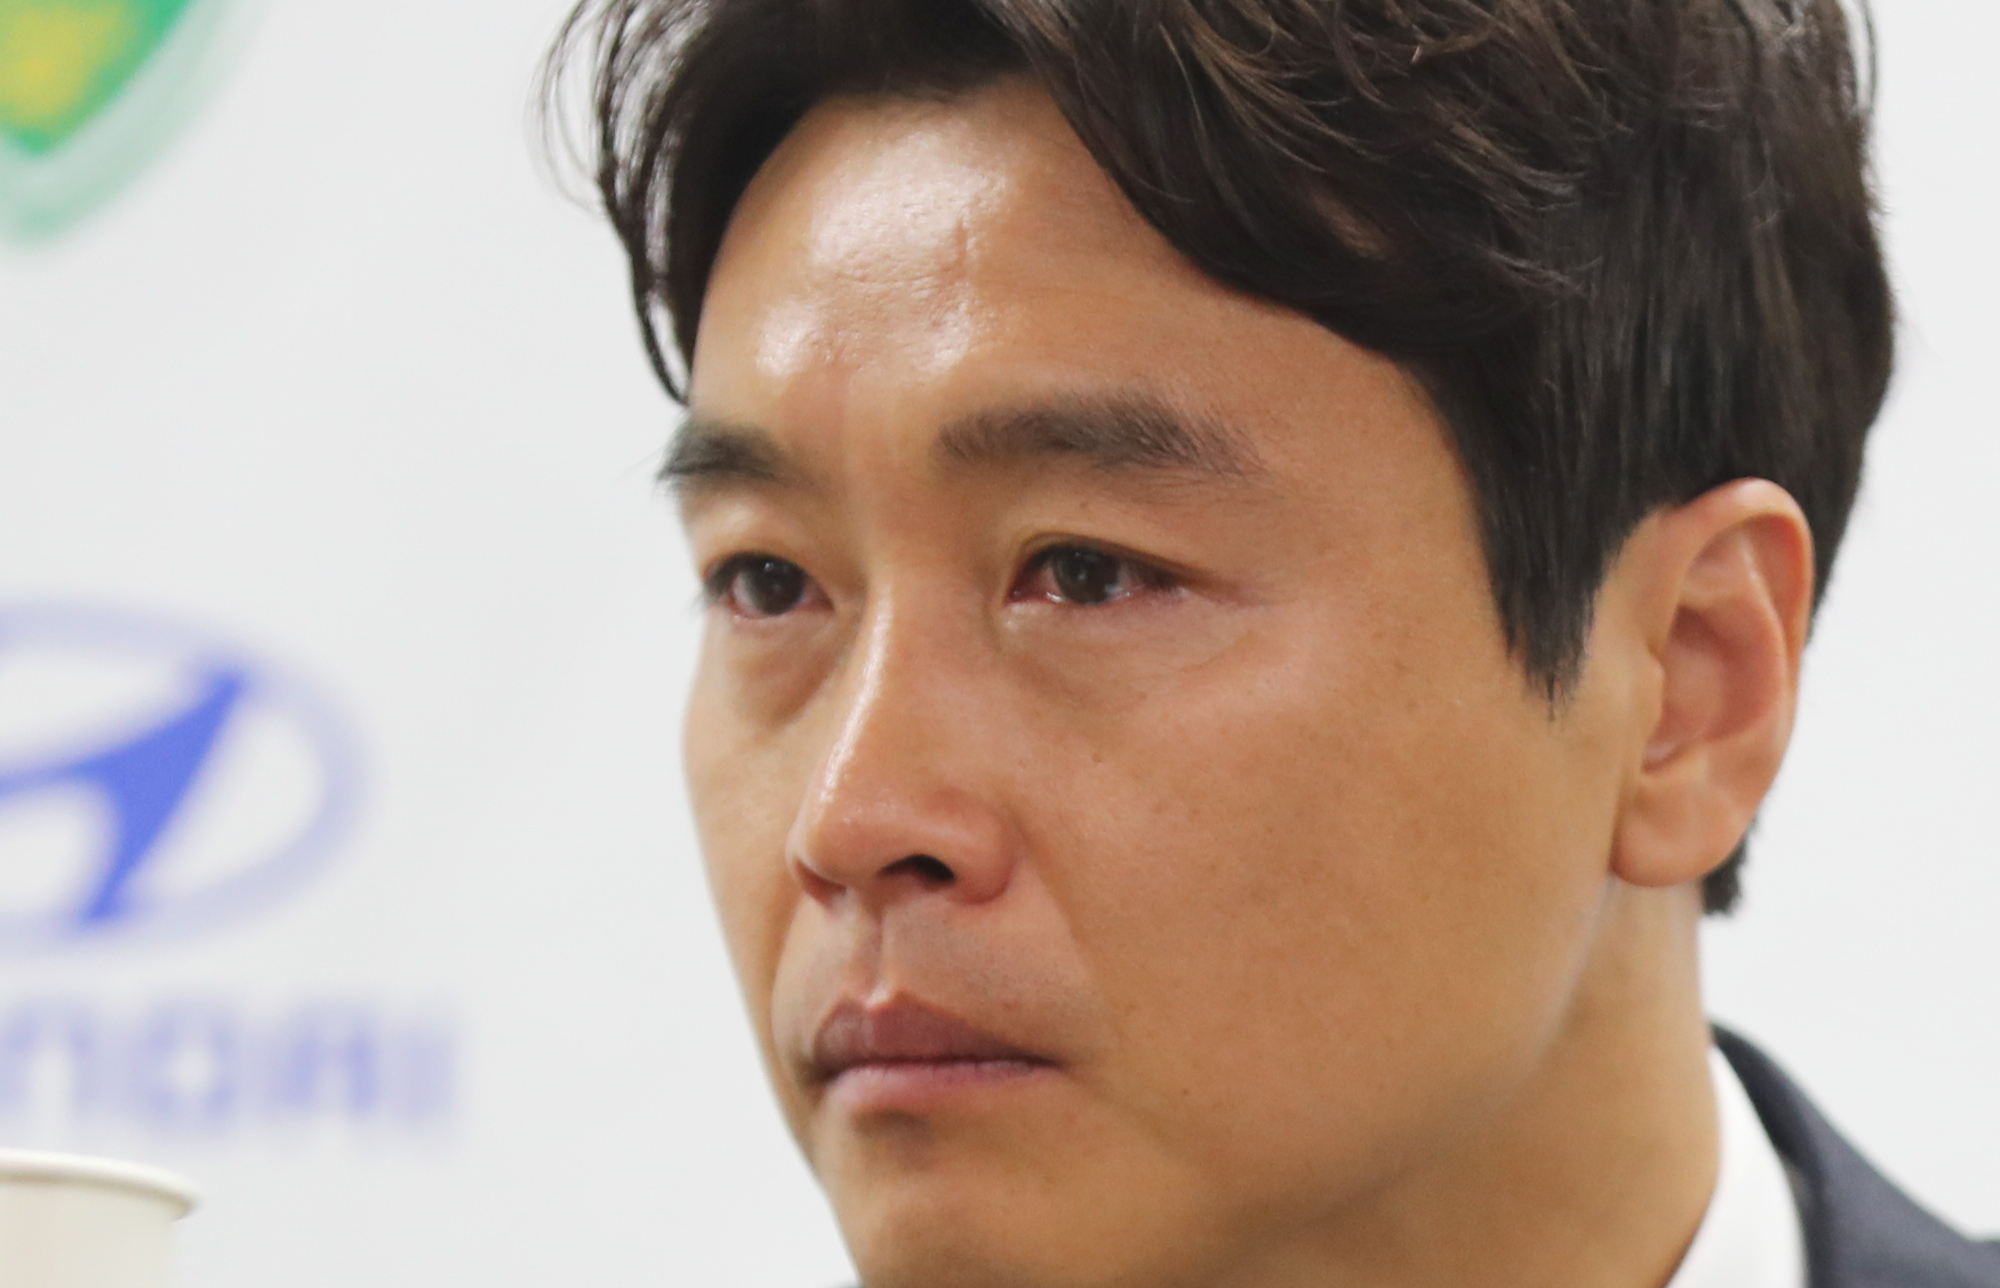 28일 오후 전북 전주월드컵경기장에서 전북 현대 이동국 선수가 은퇴 기자회견을 하고 있다. [연합뉴스]